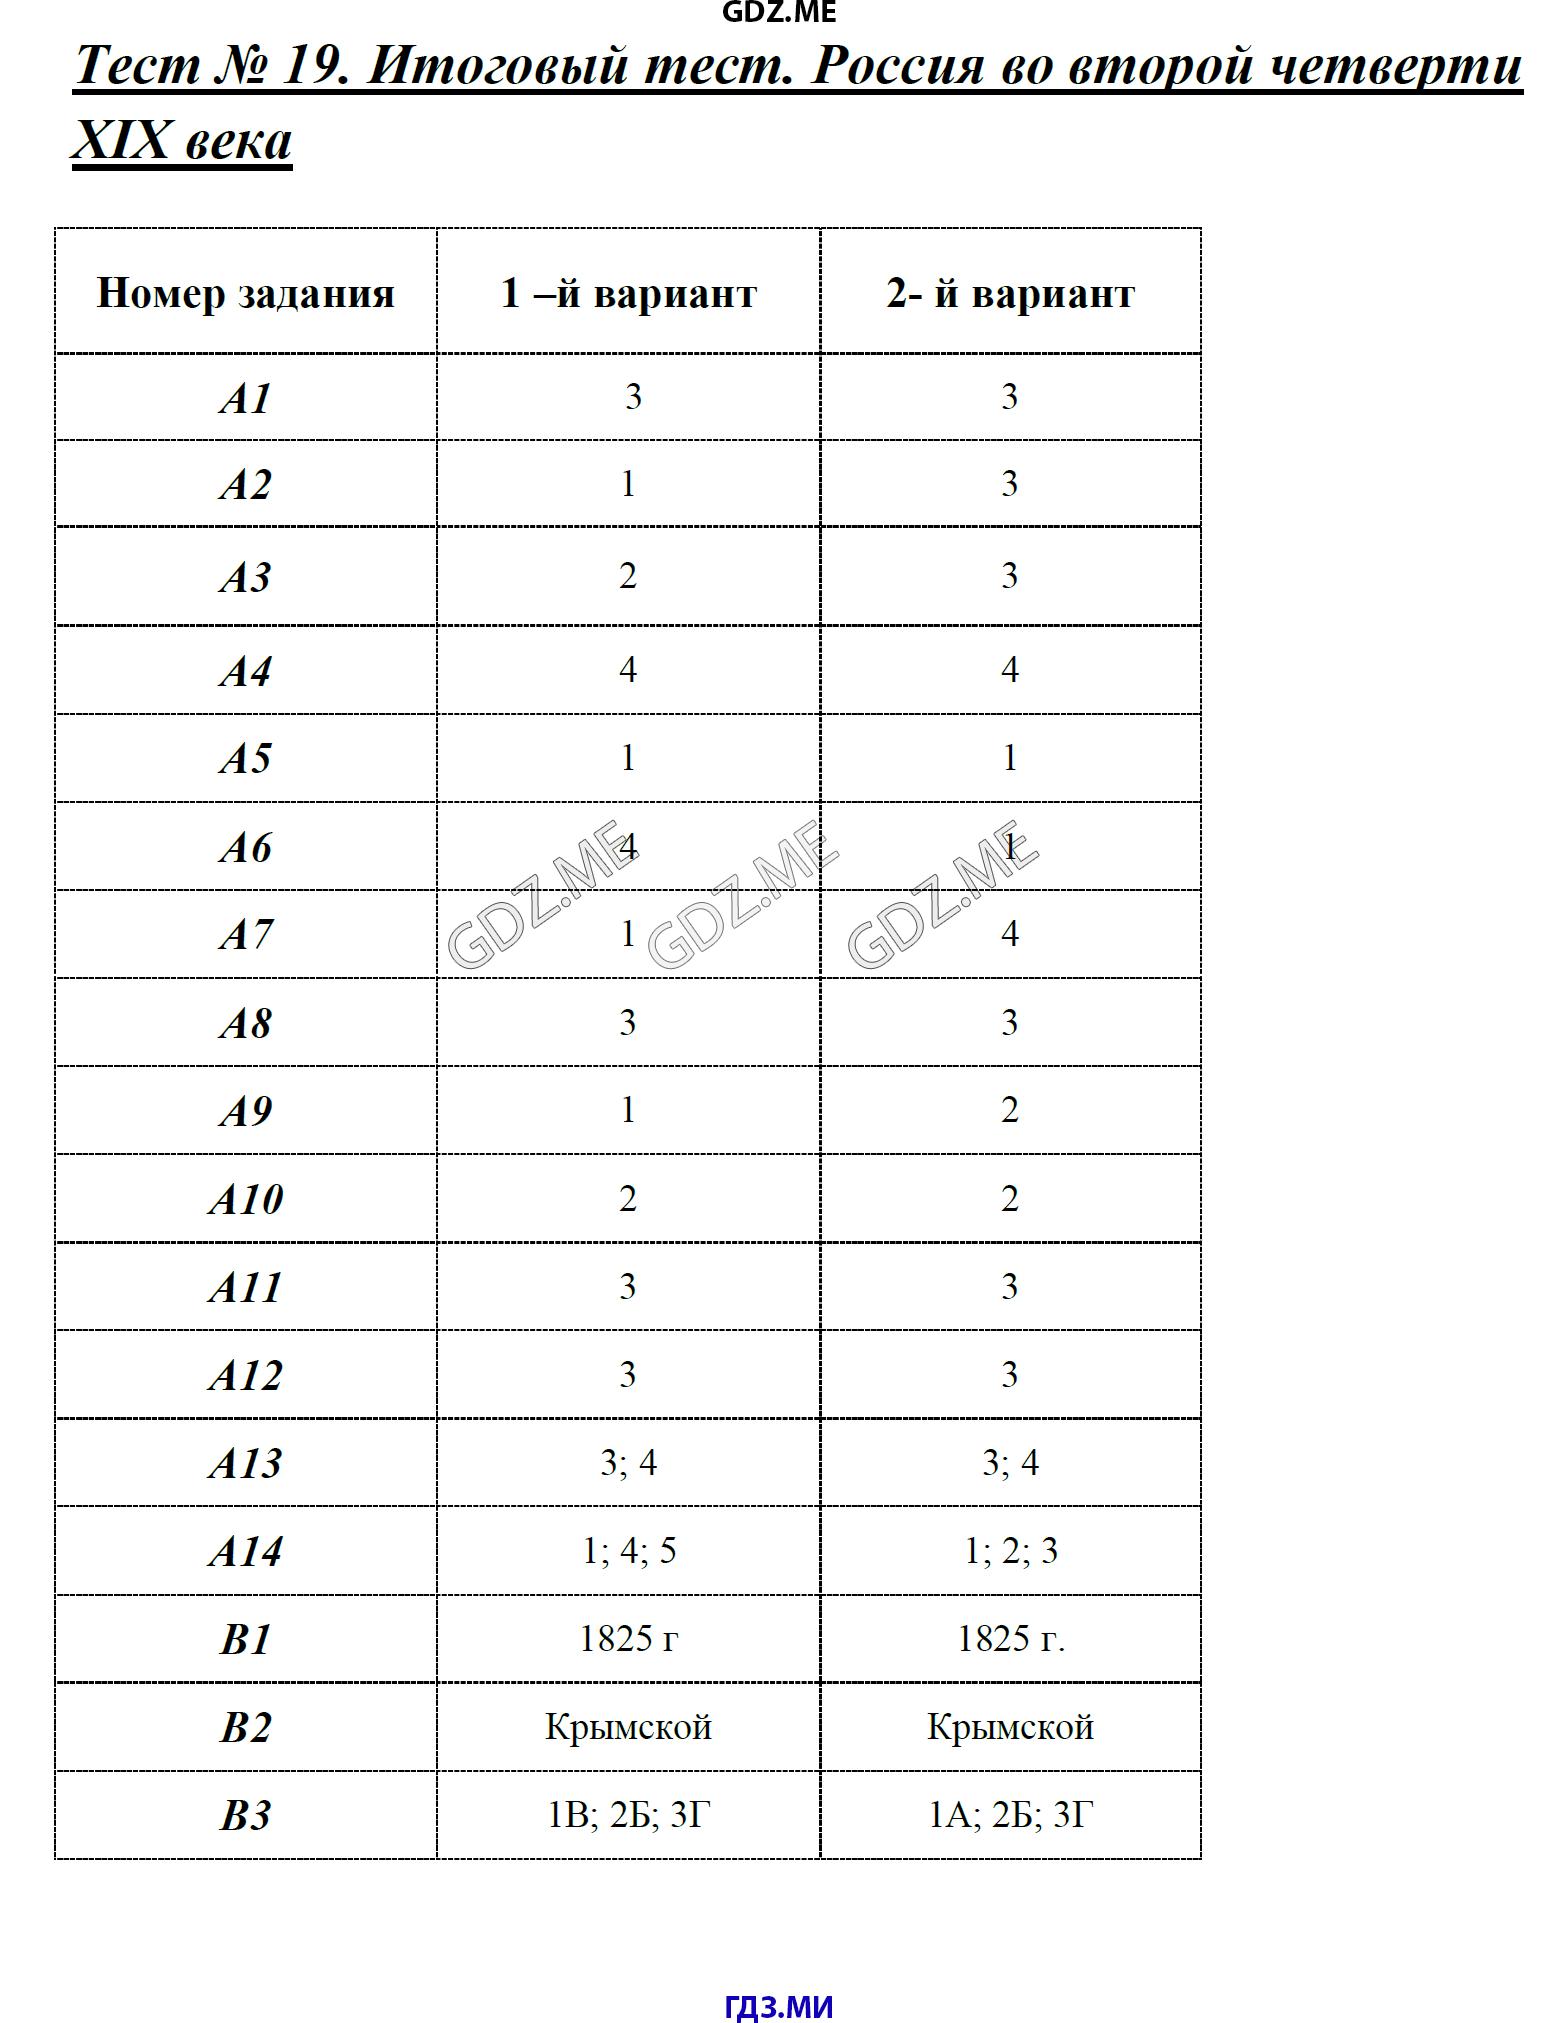 Тесты по истории россии 18 века 7 класс с ответами